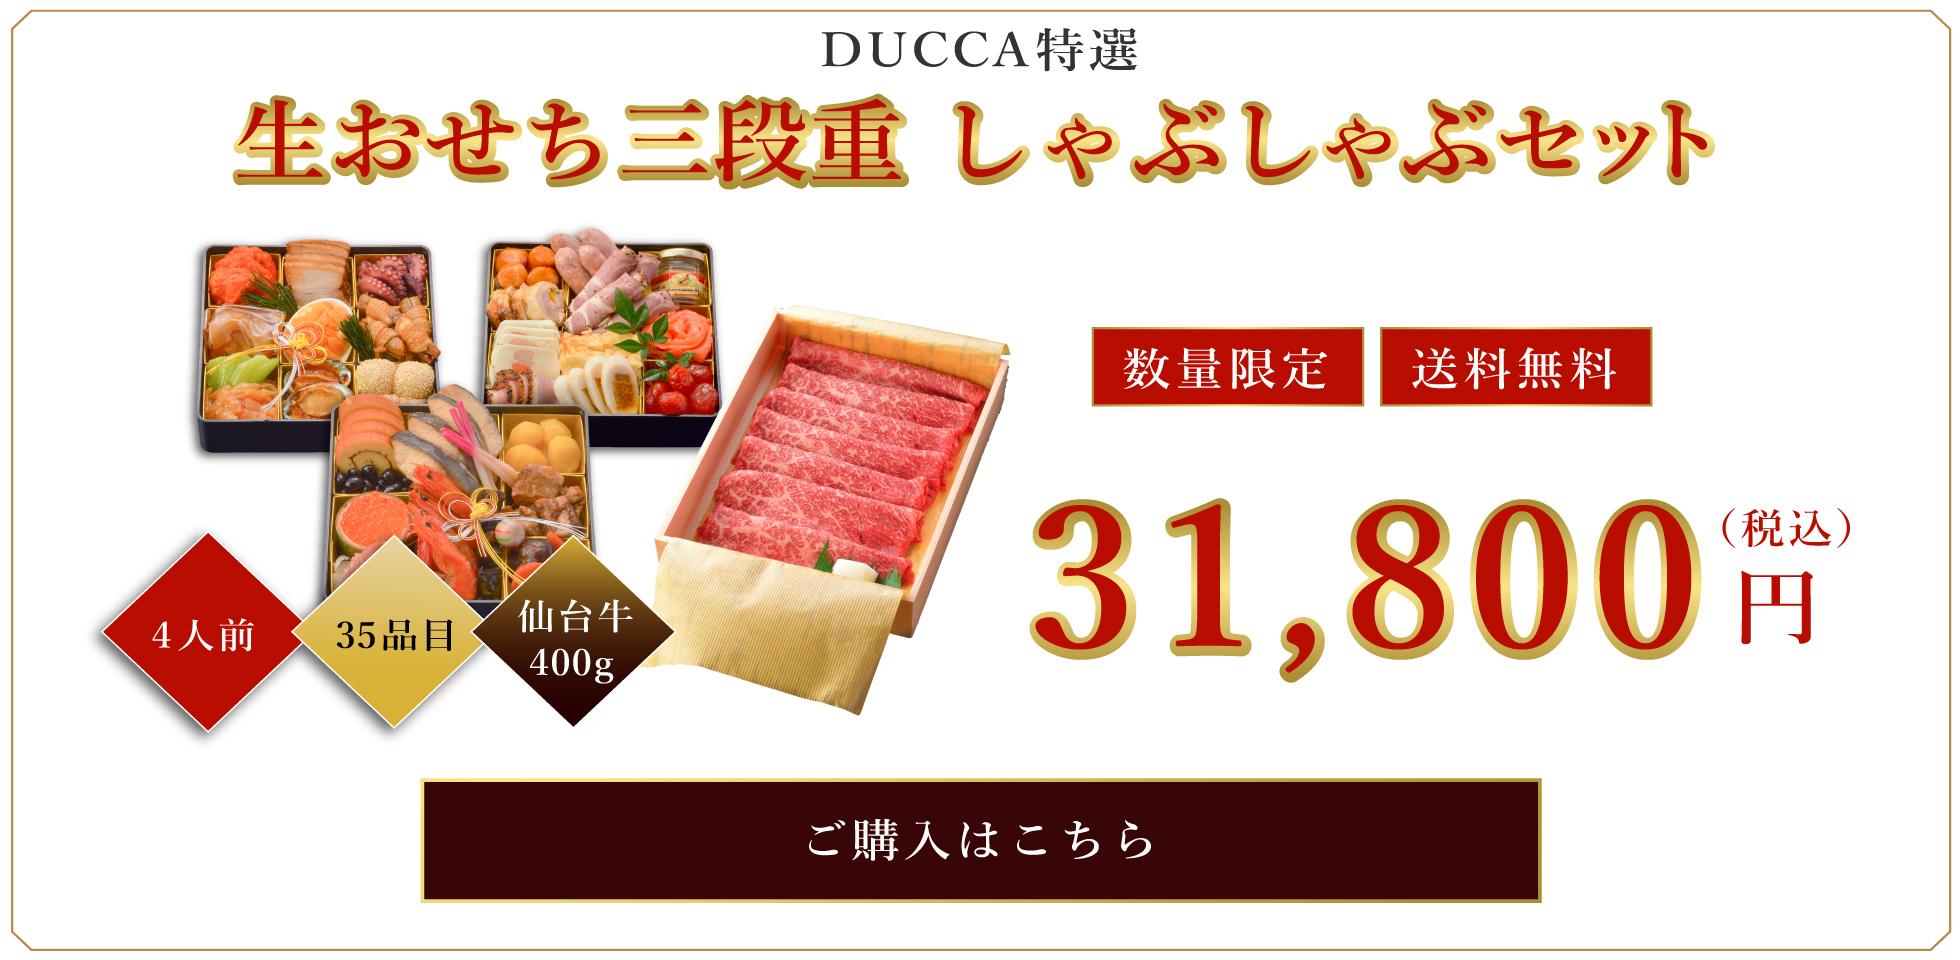 早割り対象 DUCCA特選生おせち三段重しゃぶしゃぶセット 数量限定 送料無料 早割価格29,800円(税込) ご購入はこちら